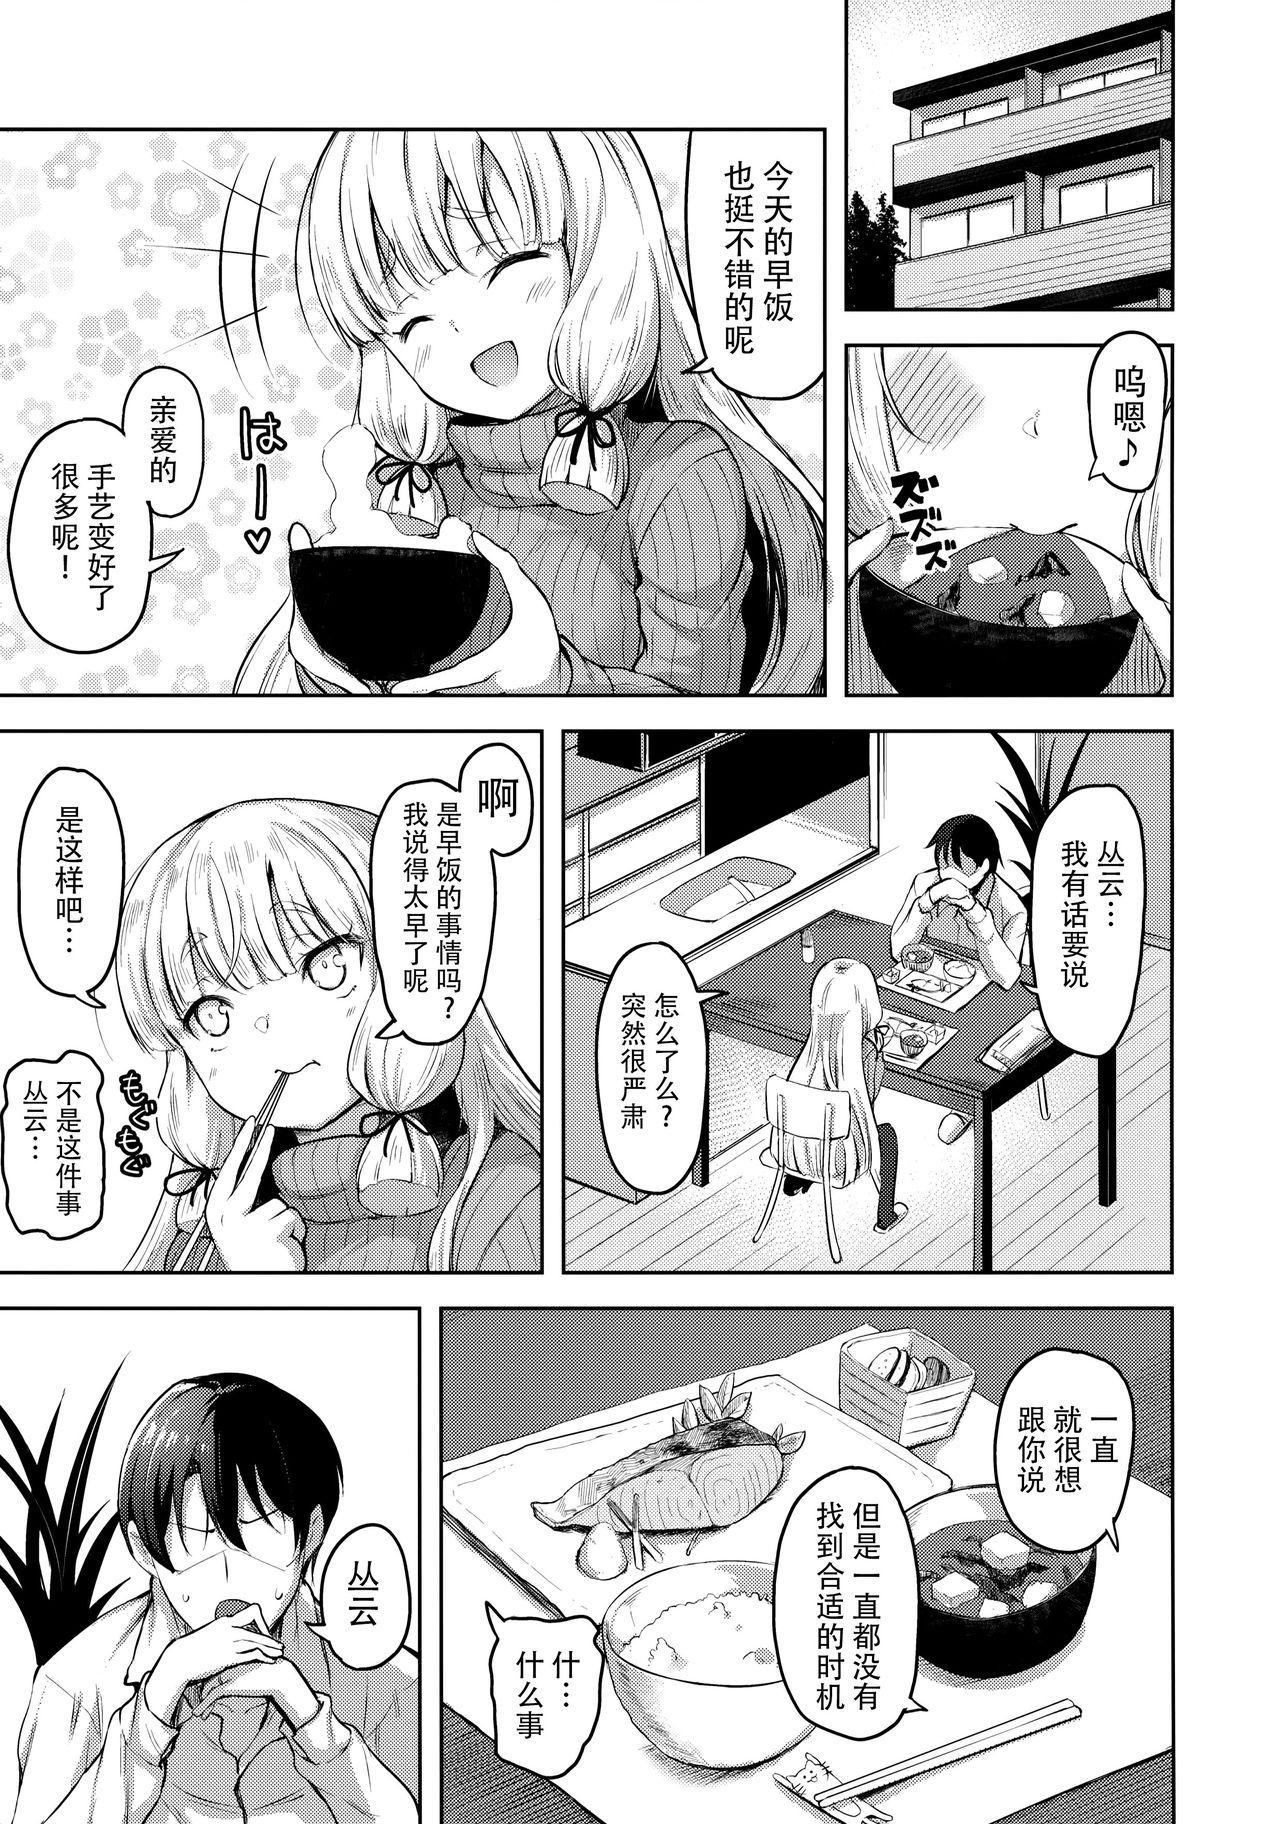 Murakumo to Kozukuri SEX 4